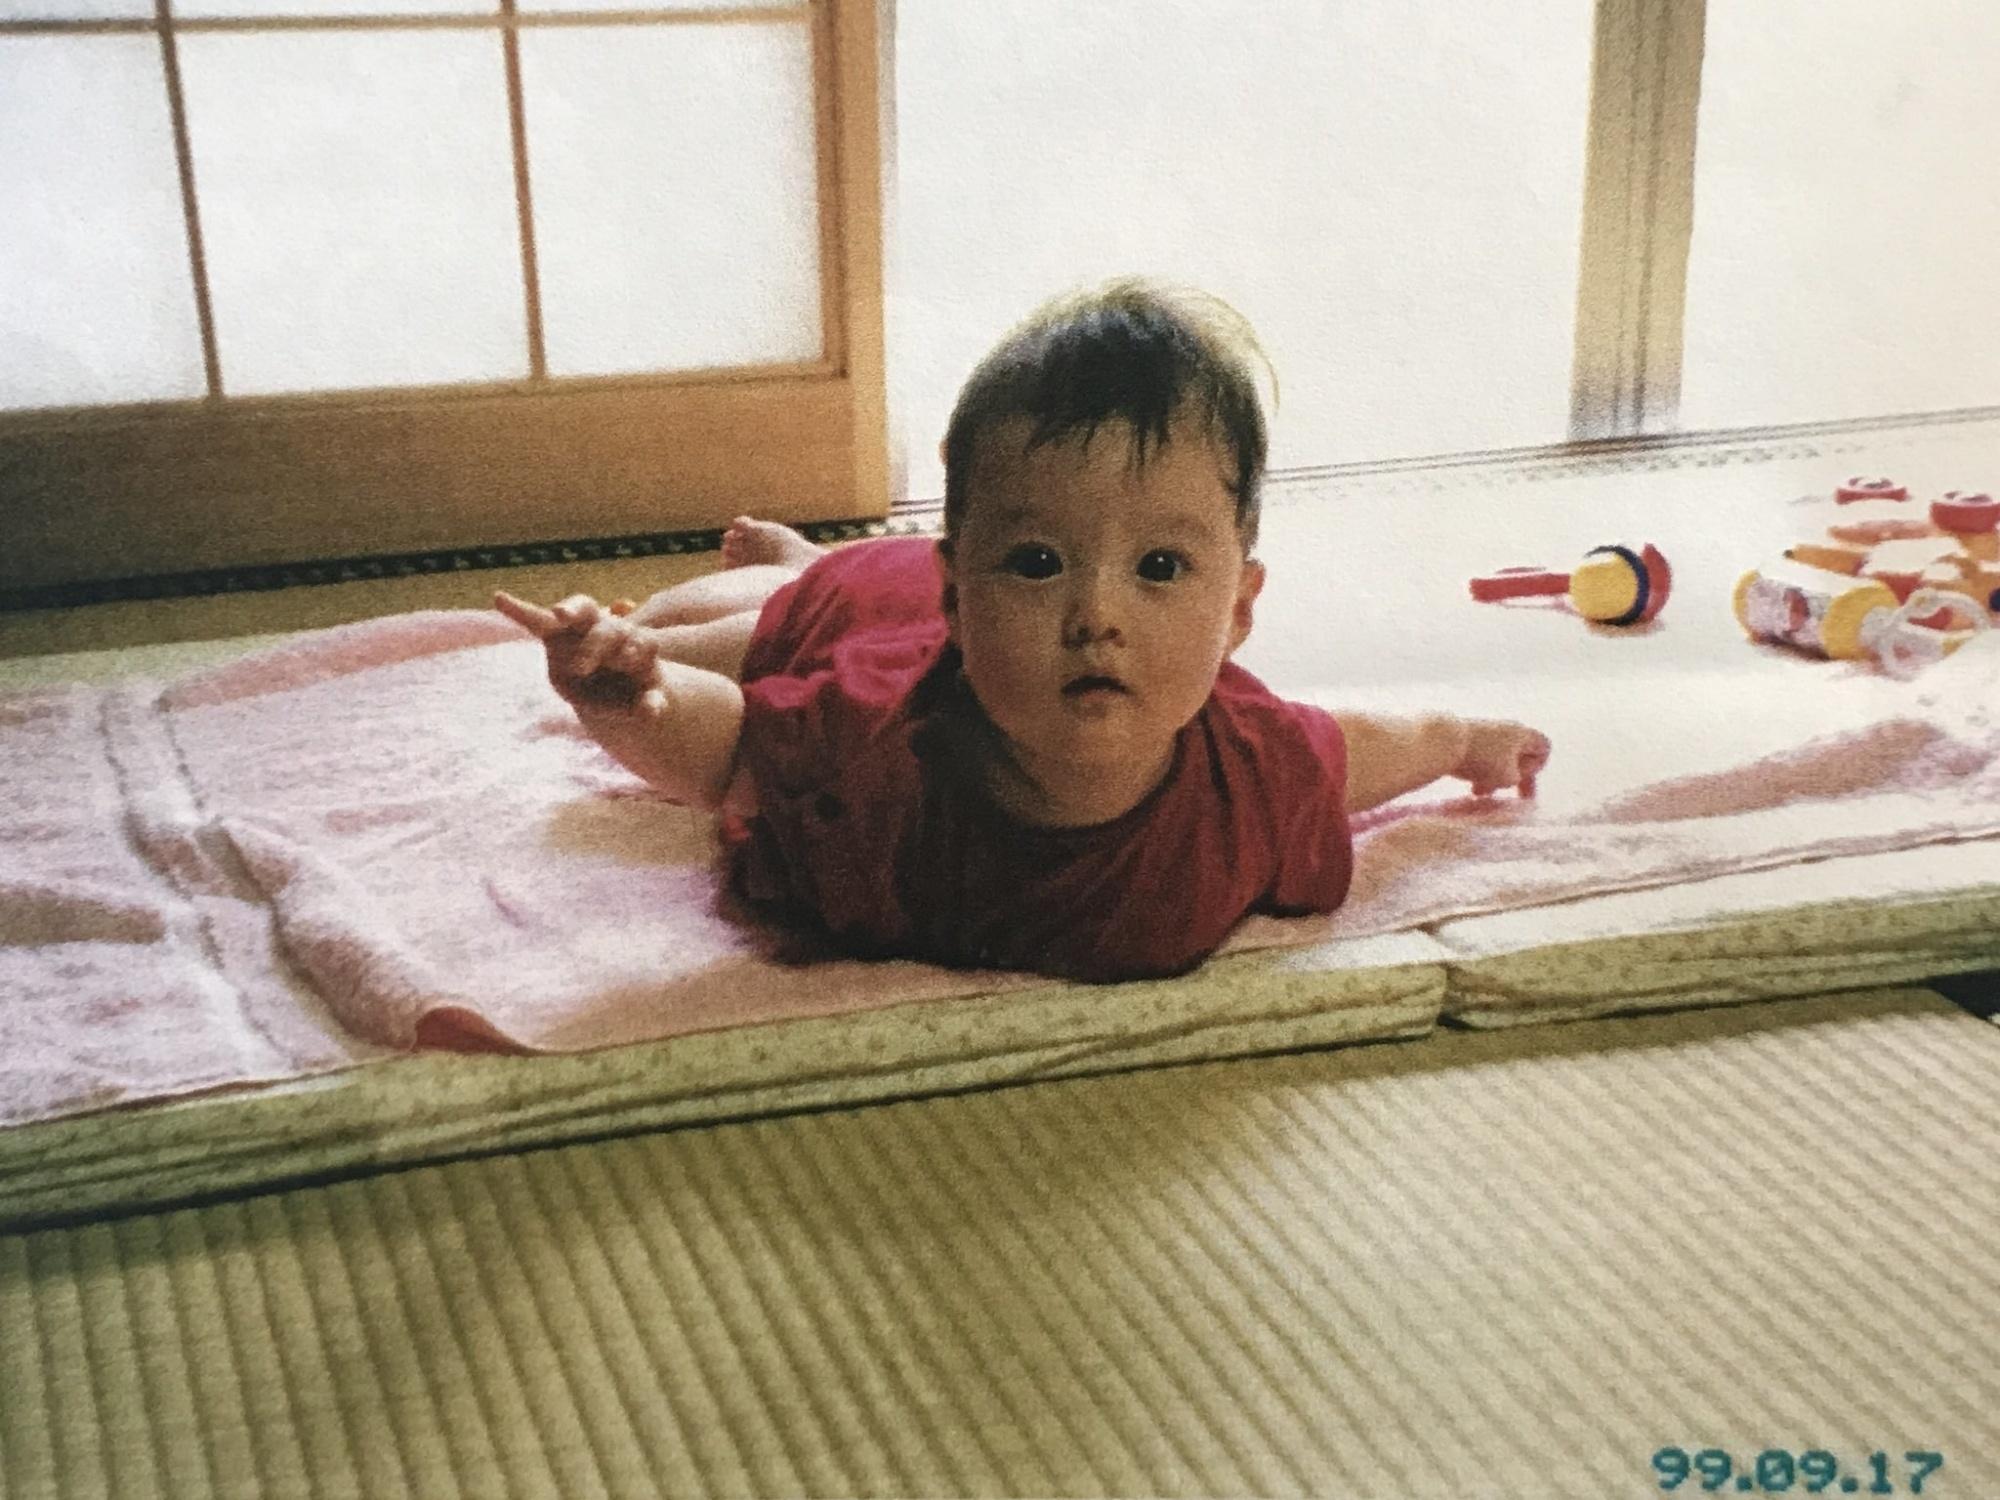 神颜认证!千年一遇美少女「桥本环奈」惊喜晒出「童年照」被赞:从小美到大-新图包